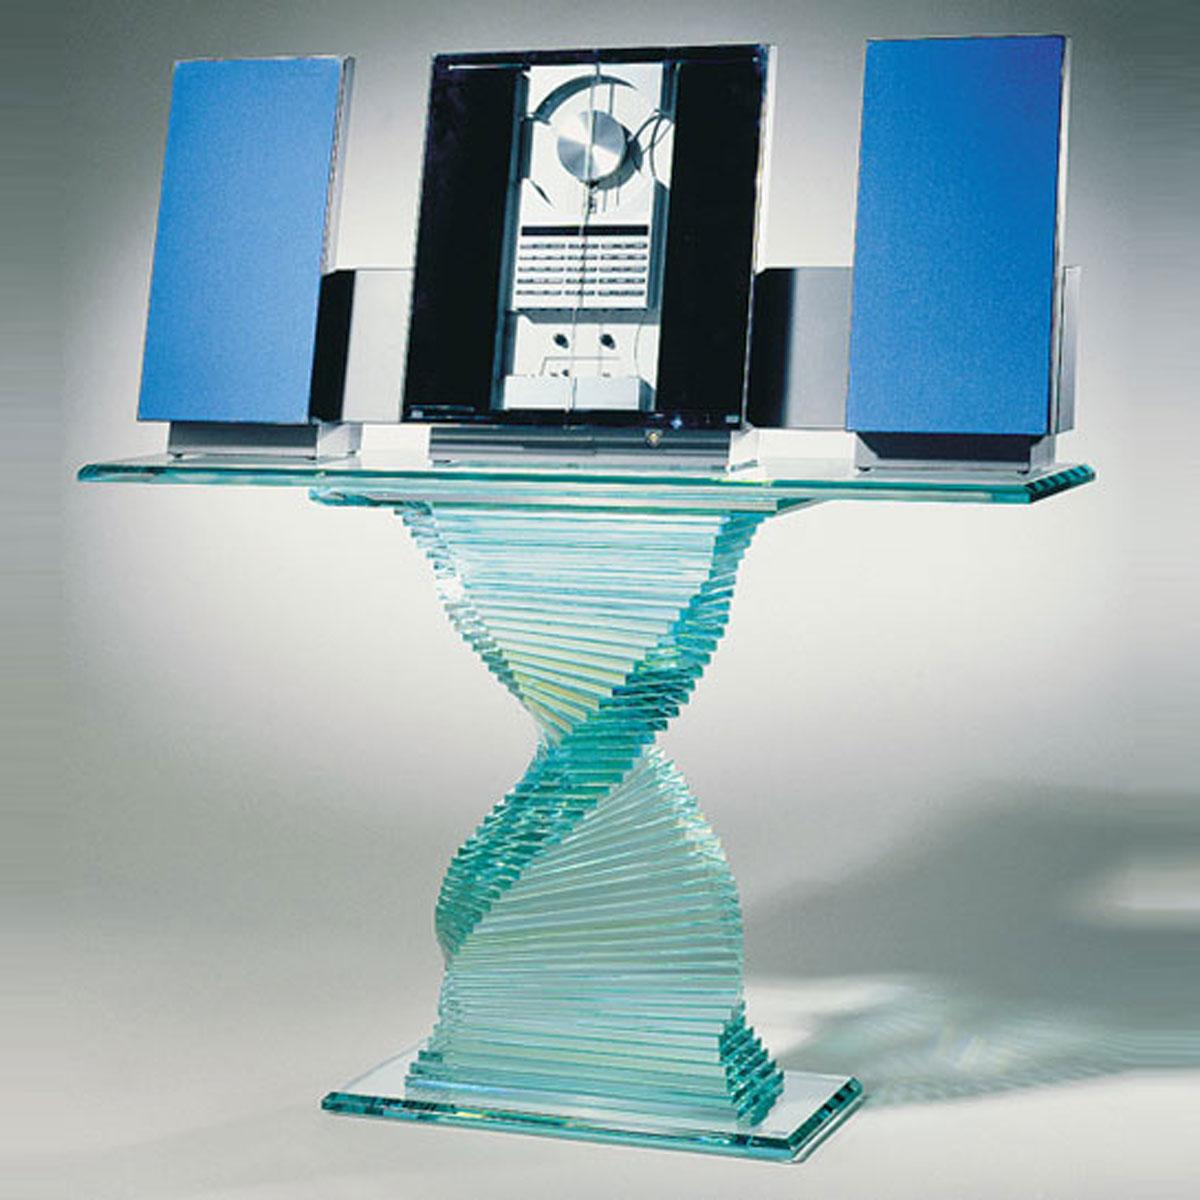 Designer Glastisch in Schraubenform für Hifi, TV. Stabil, UV verklebt. Modell Schraubentisch von Glass Concept.